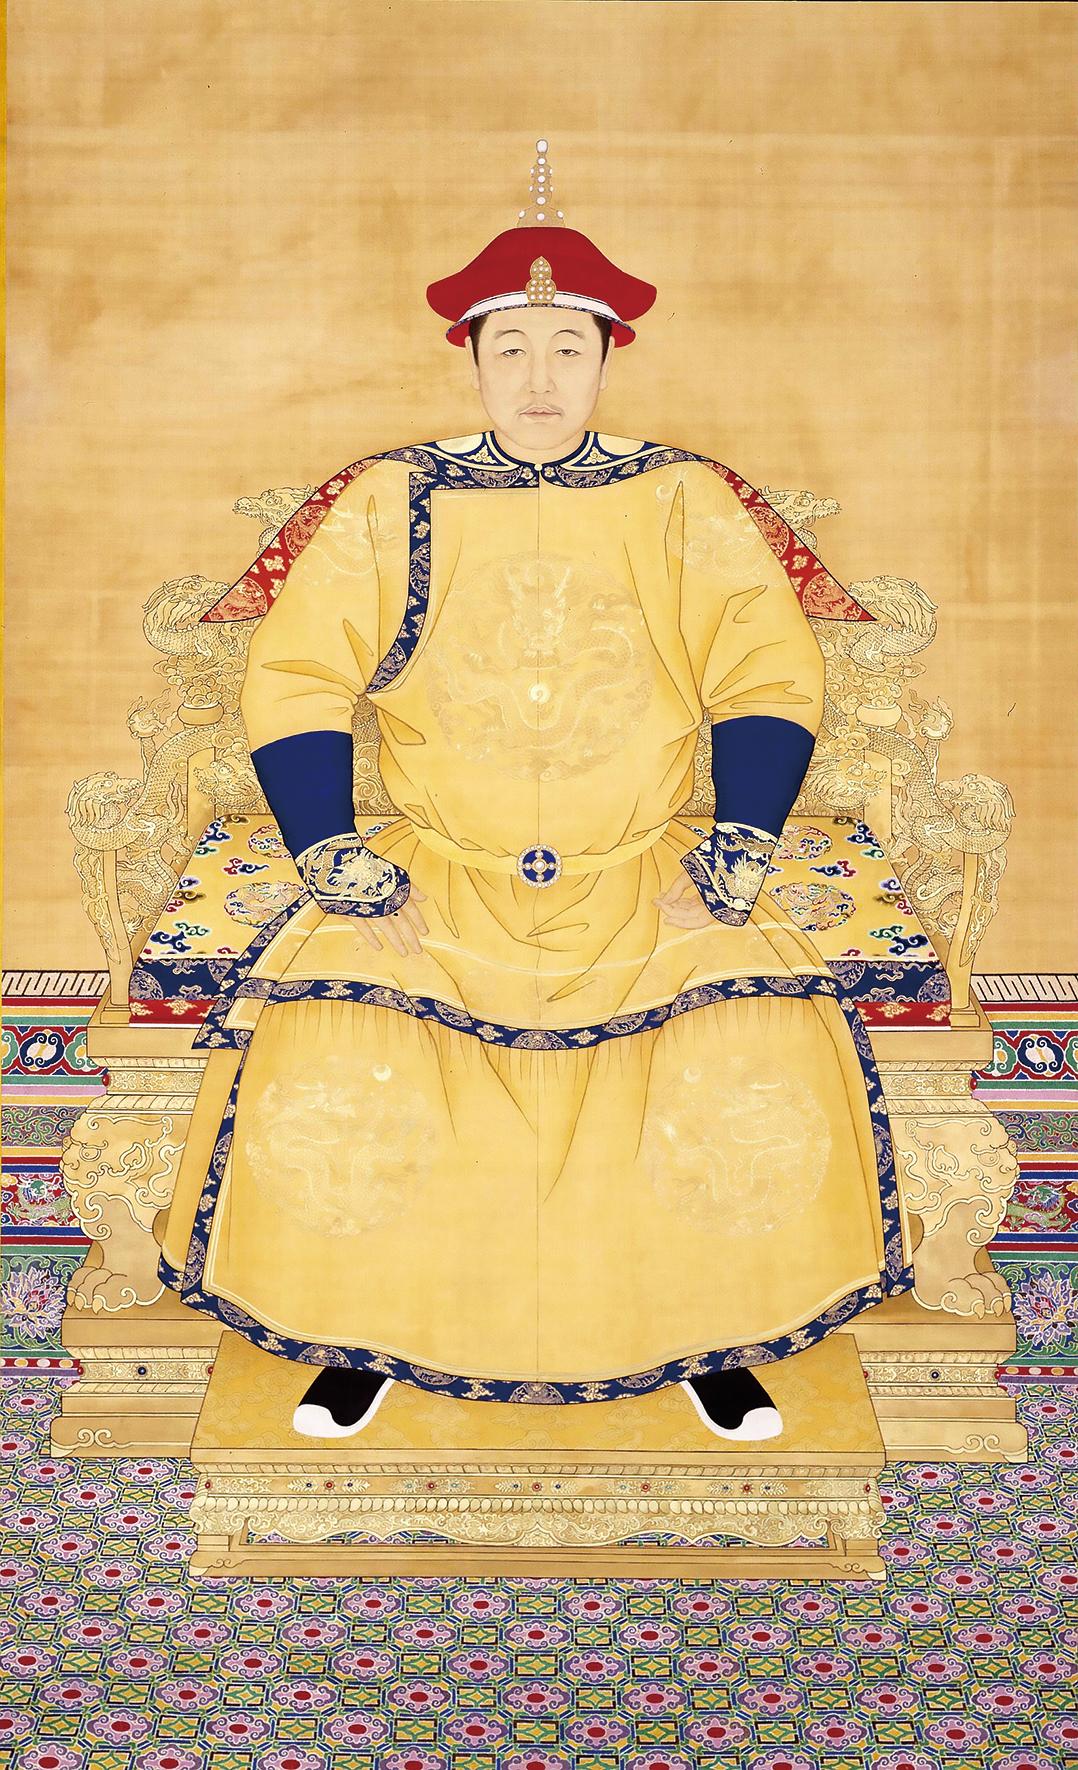 清 佚名《清世祖順治皇帝朝服像》。(公有領域)